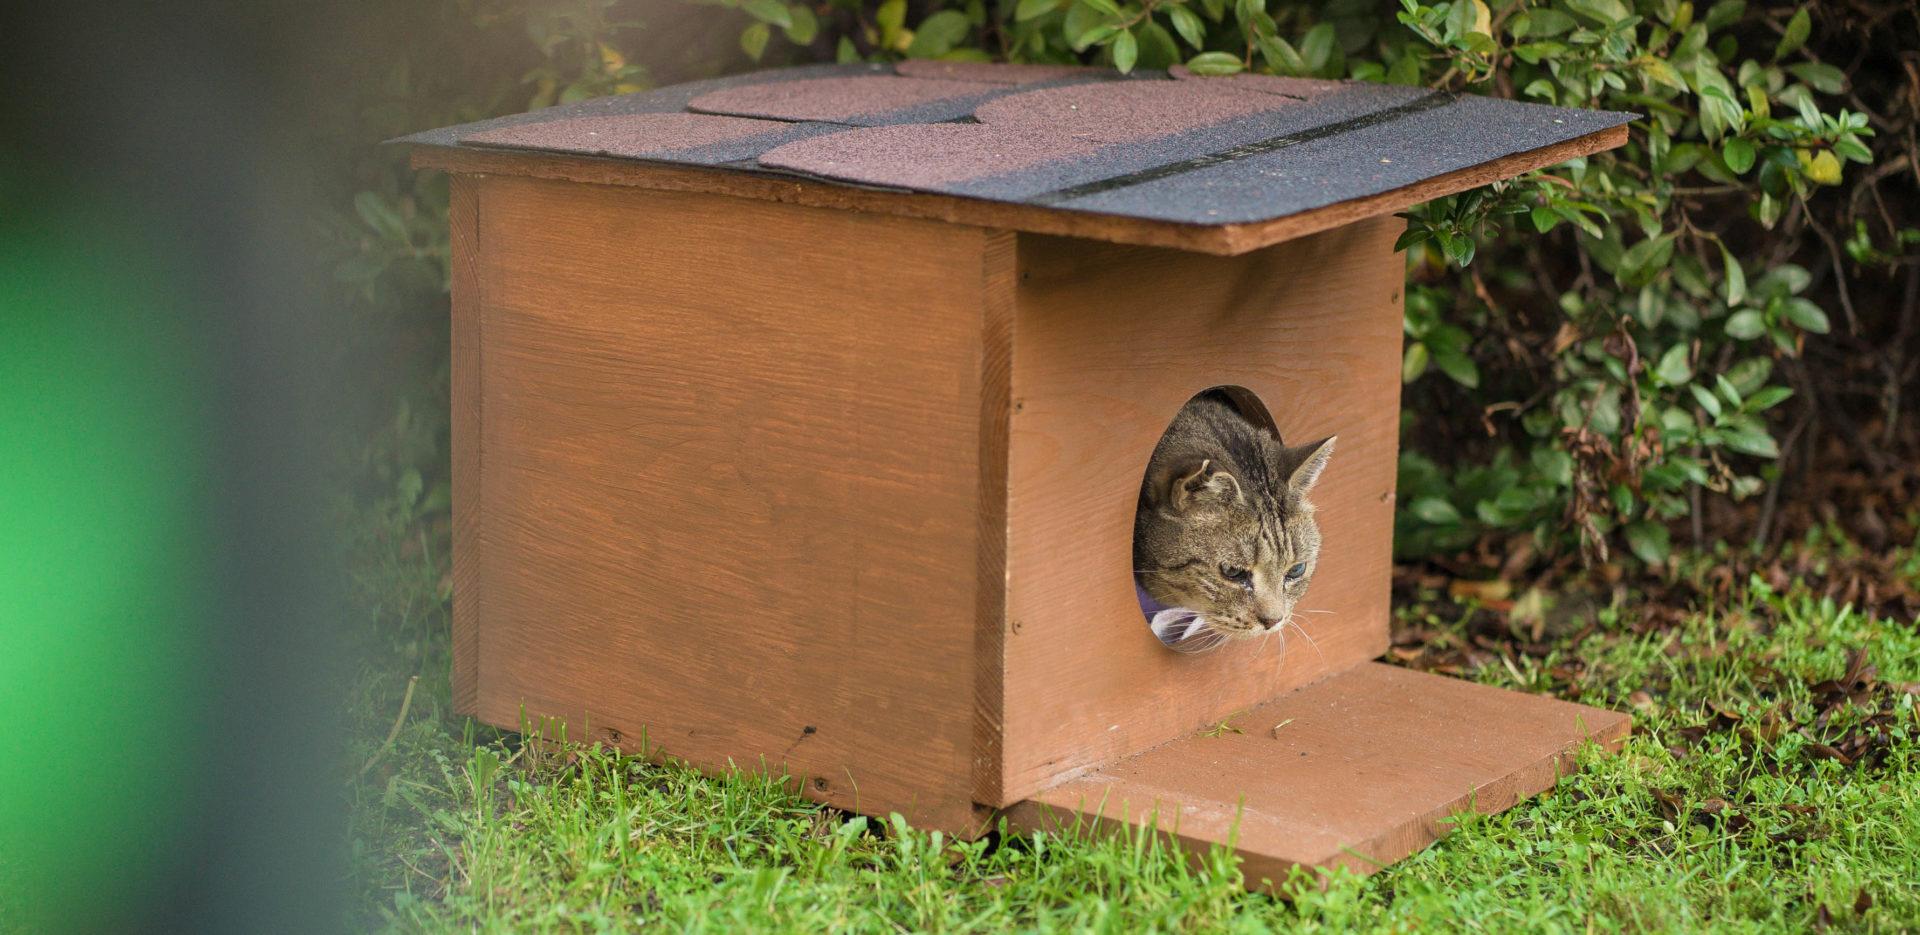 Kot w budce